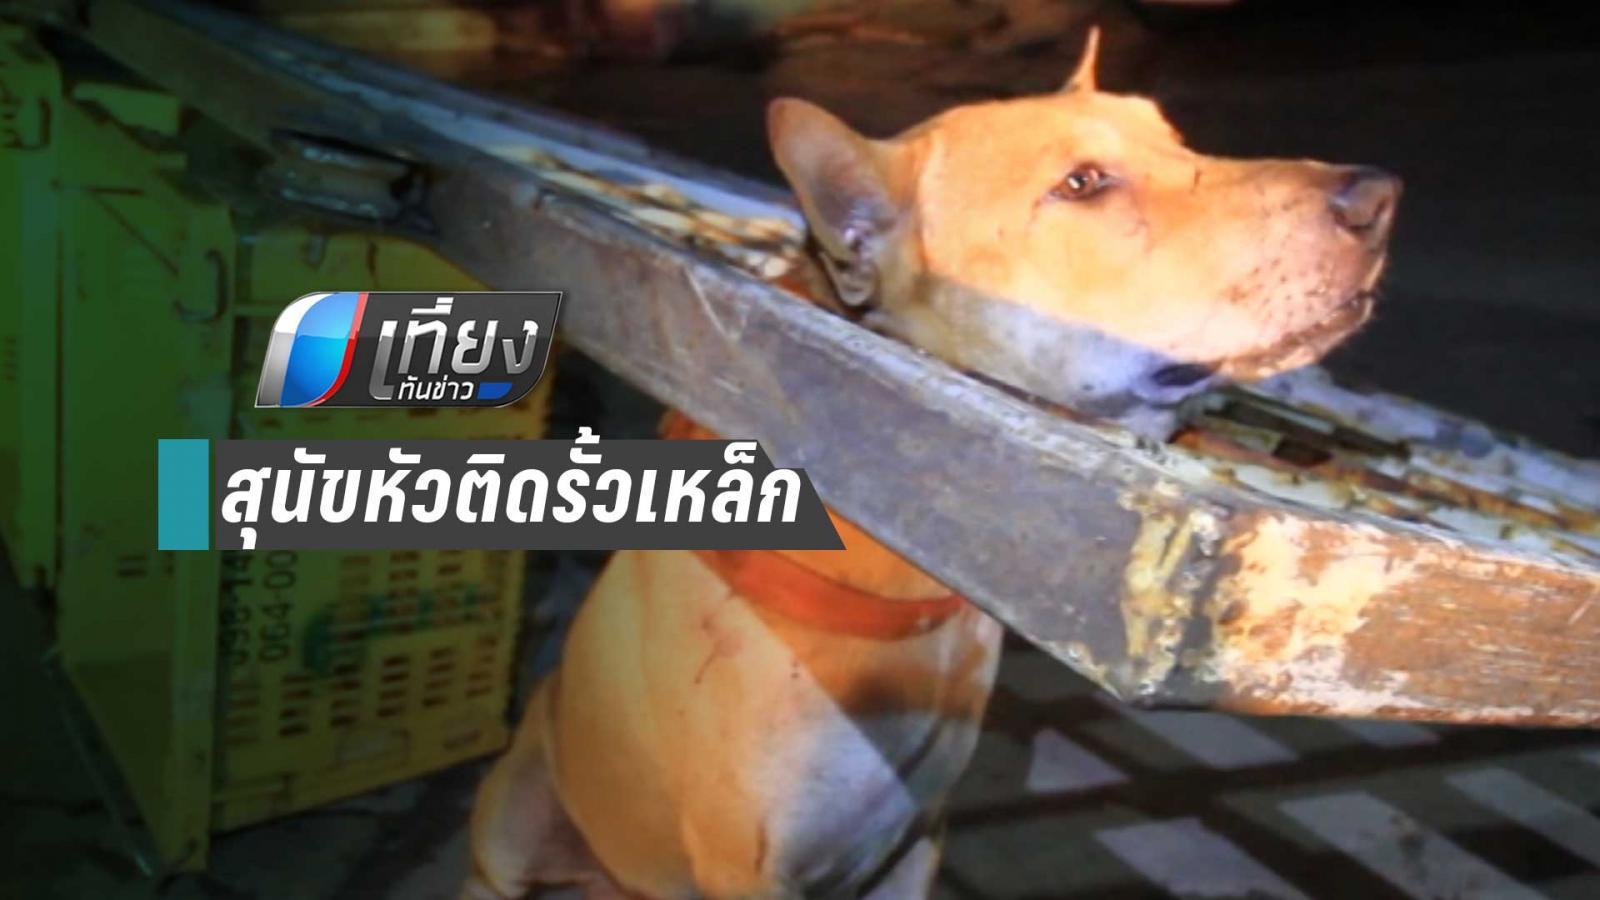 กู้ภัยปทุมฯ ช่วยน้องหมา หัวติดรั้วเหล็ก